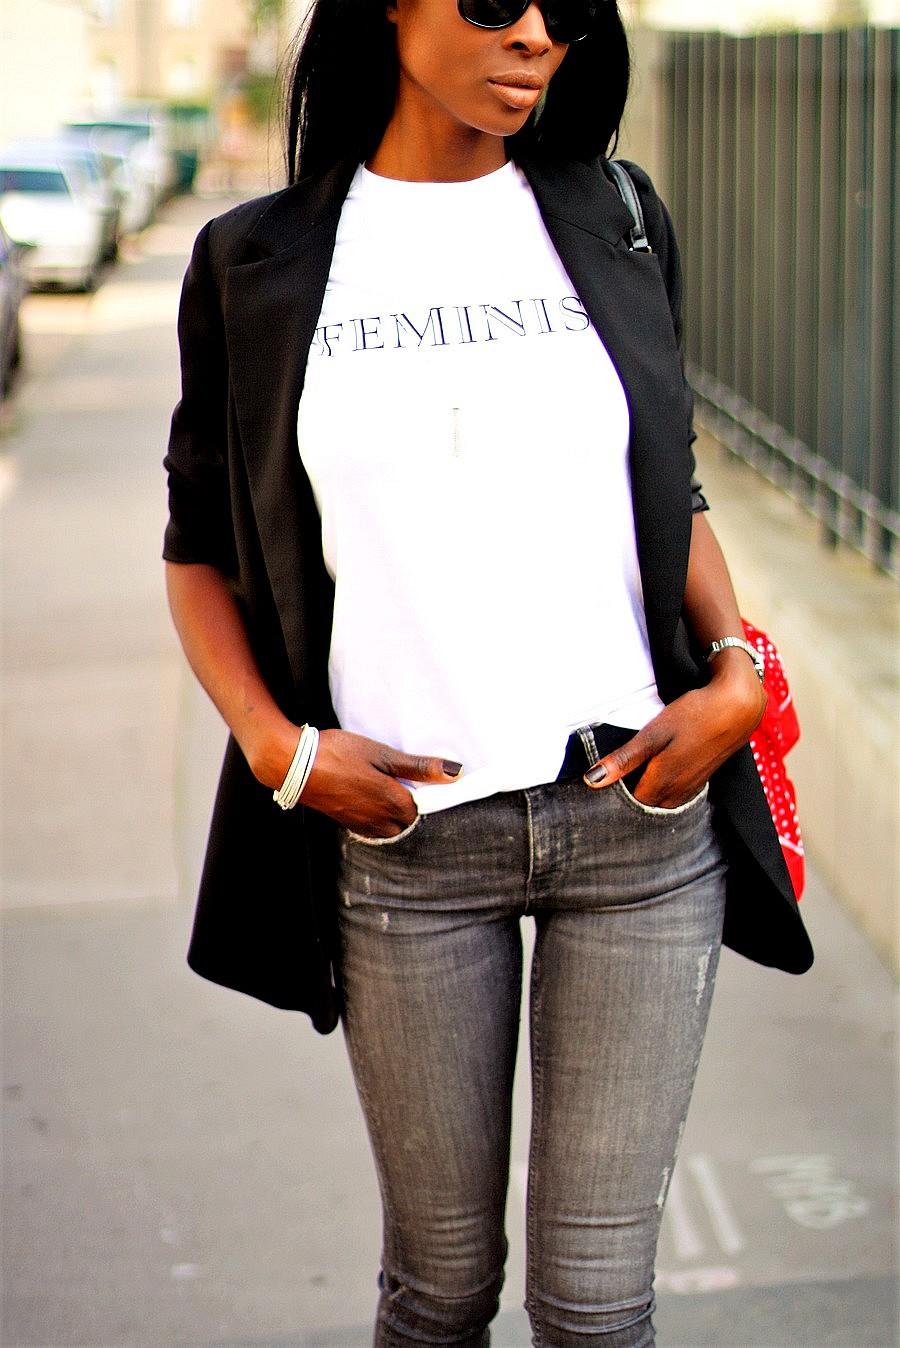 t-shirt-feministe-tendance-blogs-mode